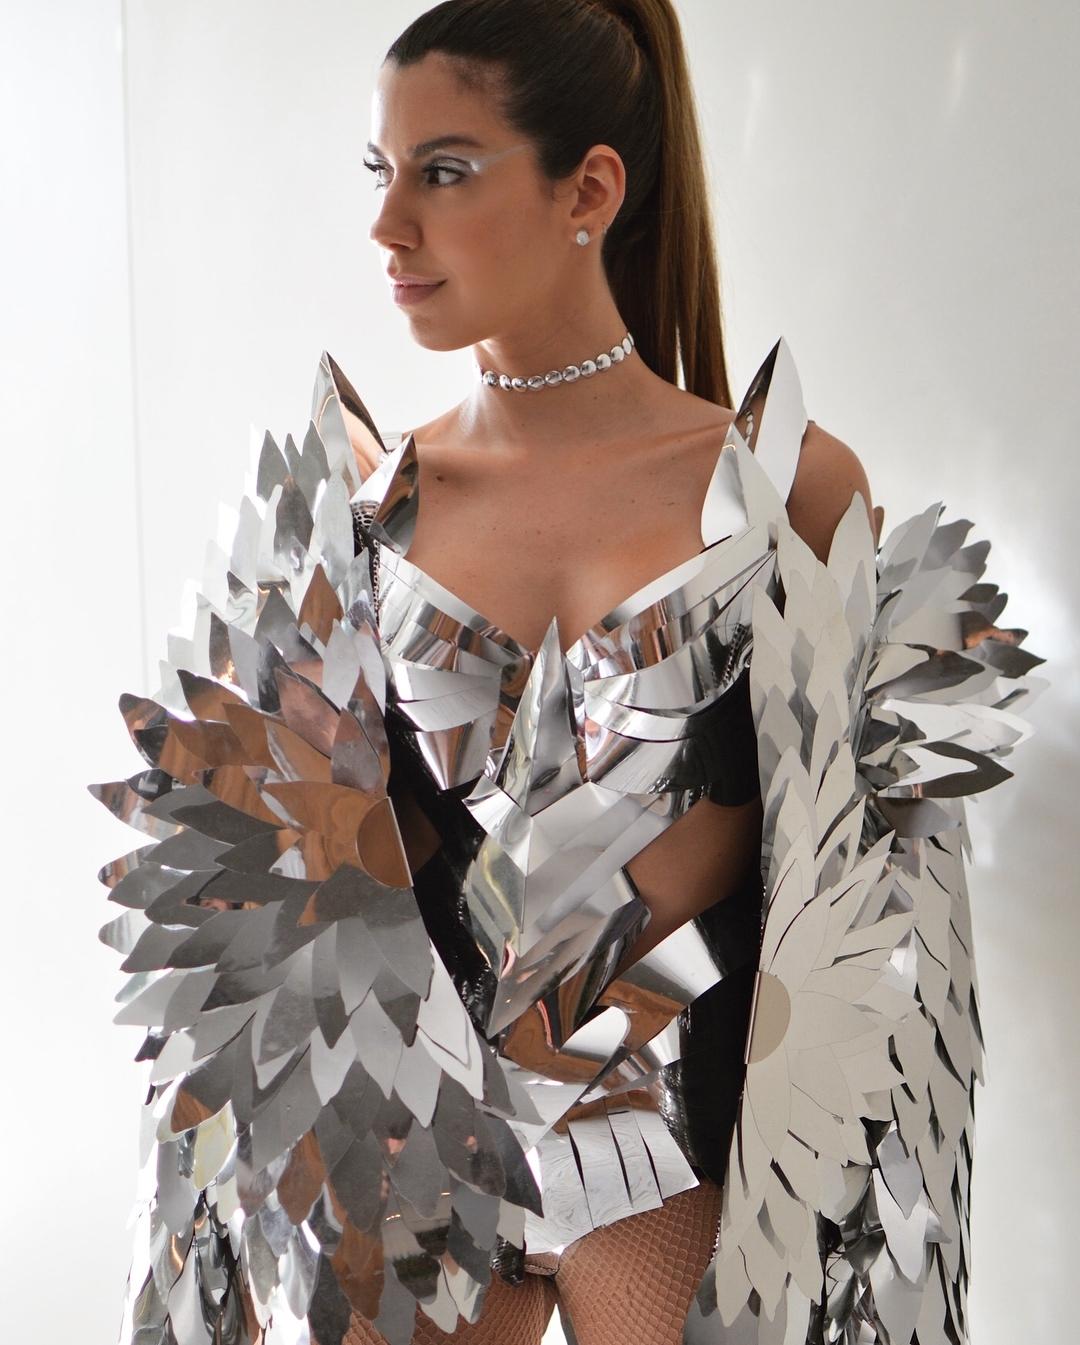 camila coutinho, blogueira de moda, fantasia, carnaval, ben, metal, bloco da favorita, look, famosos,